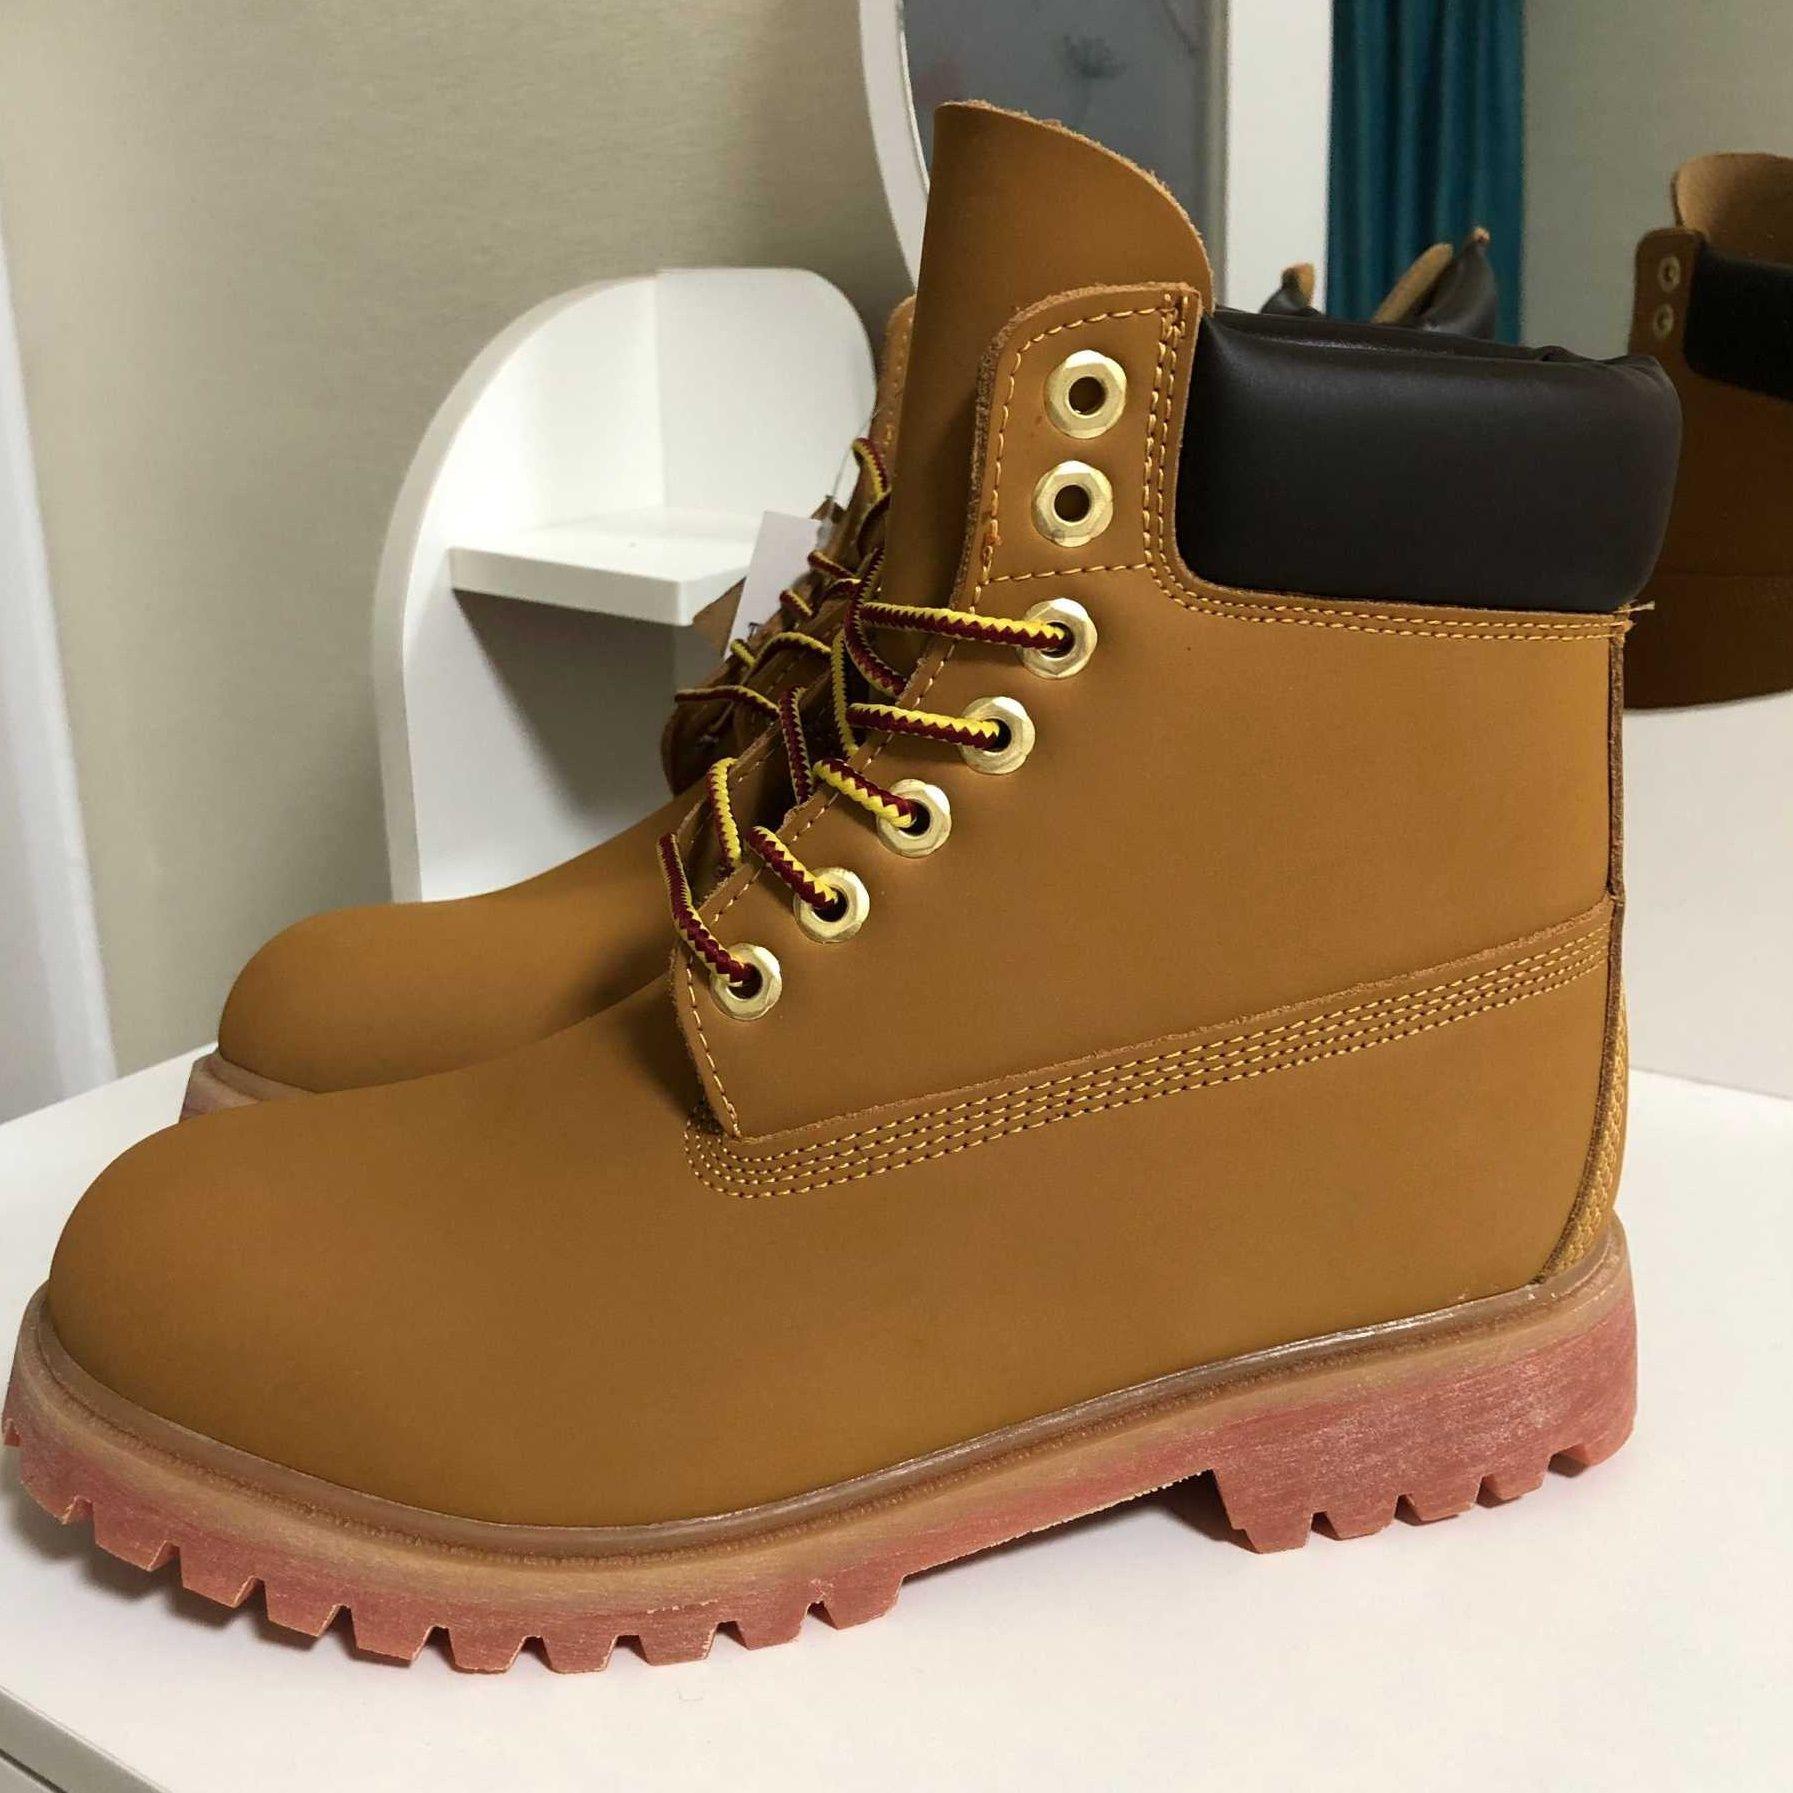 timberland timbers tim berlans timberlands bottes hombres botas diseñador para hombre zapatos de cuero para mujer de calidad tobillo bota de invierno para vaquero amarillo 36-45